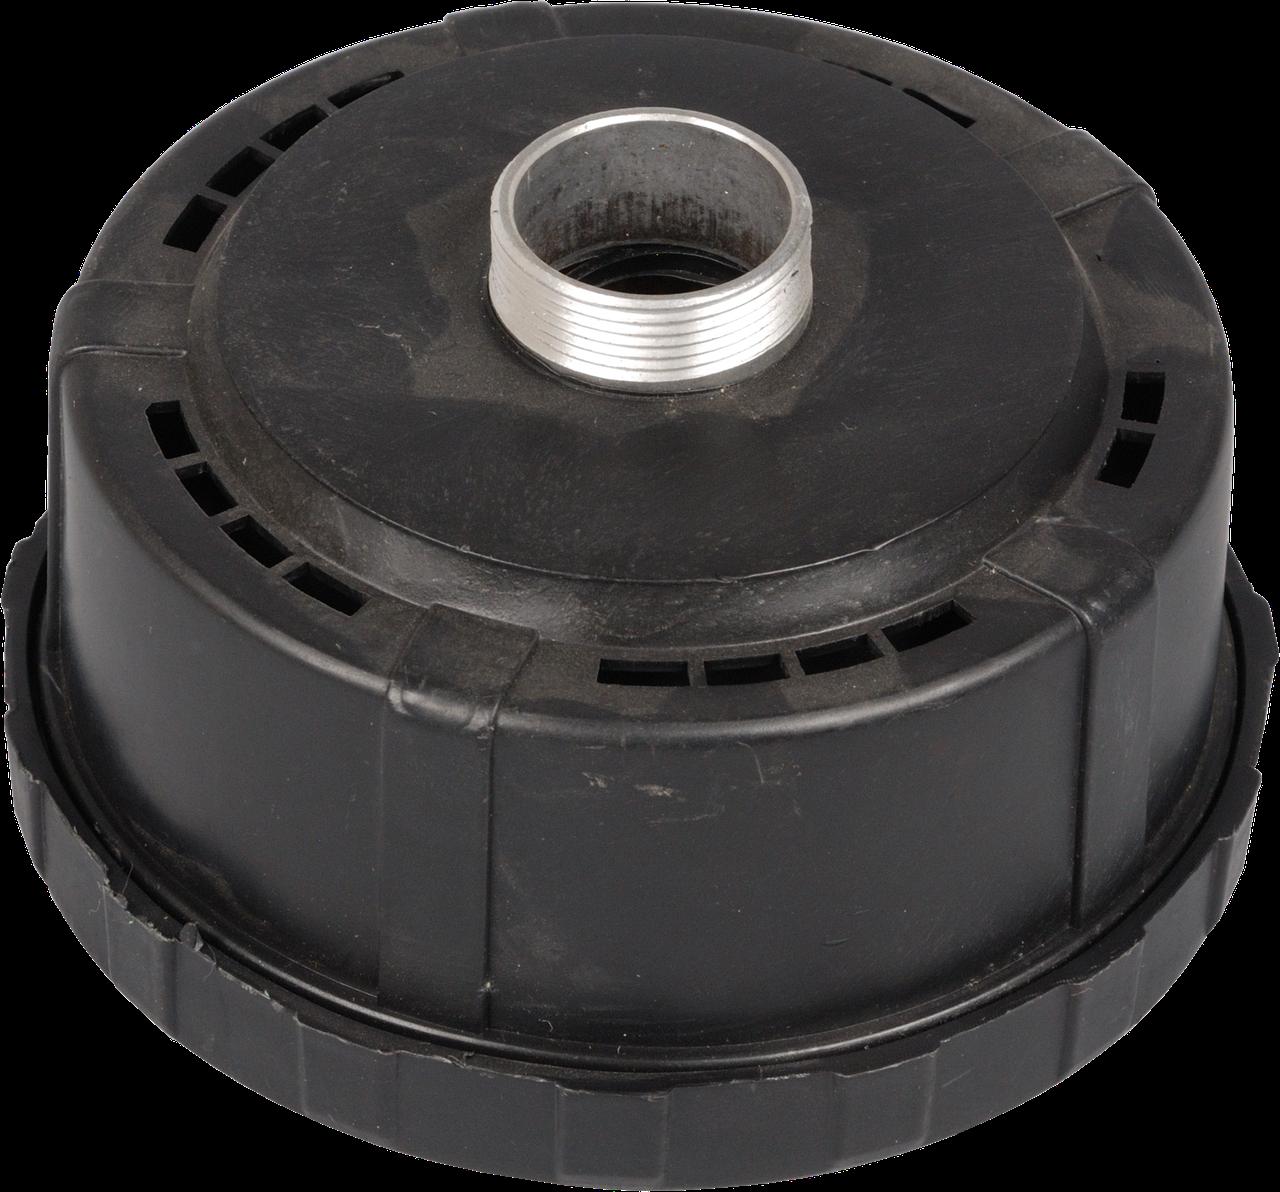 Воздушный фильтр компрессора (резьба 33мм)